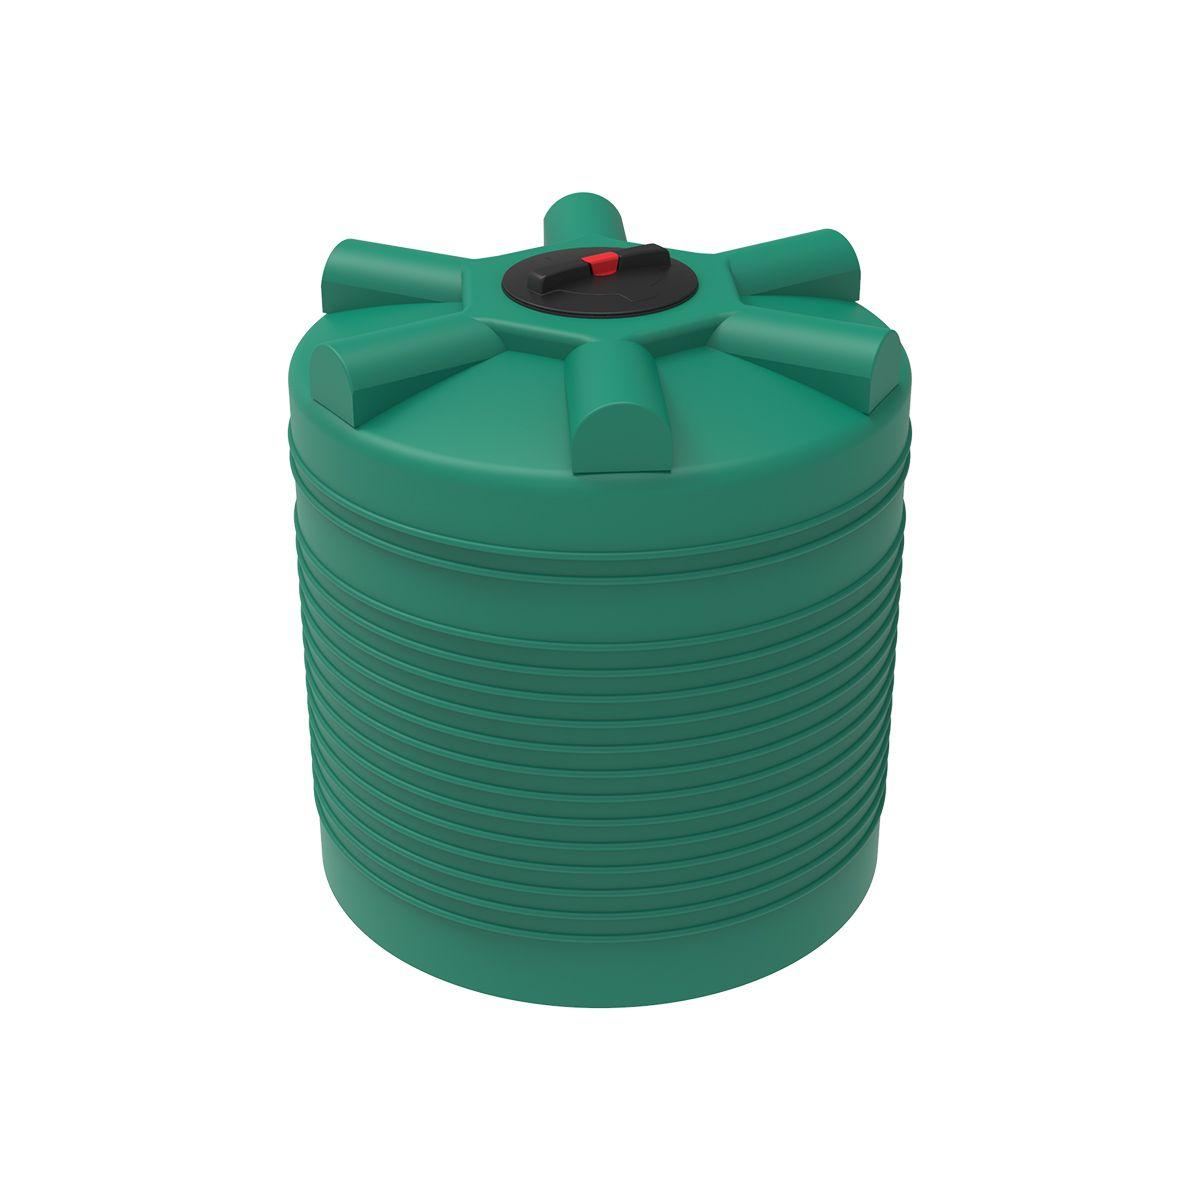 Бак для воды 1000 литров ЭВЛ зеленый пластиковый